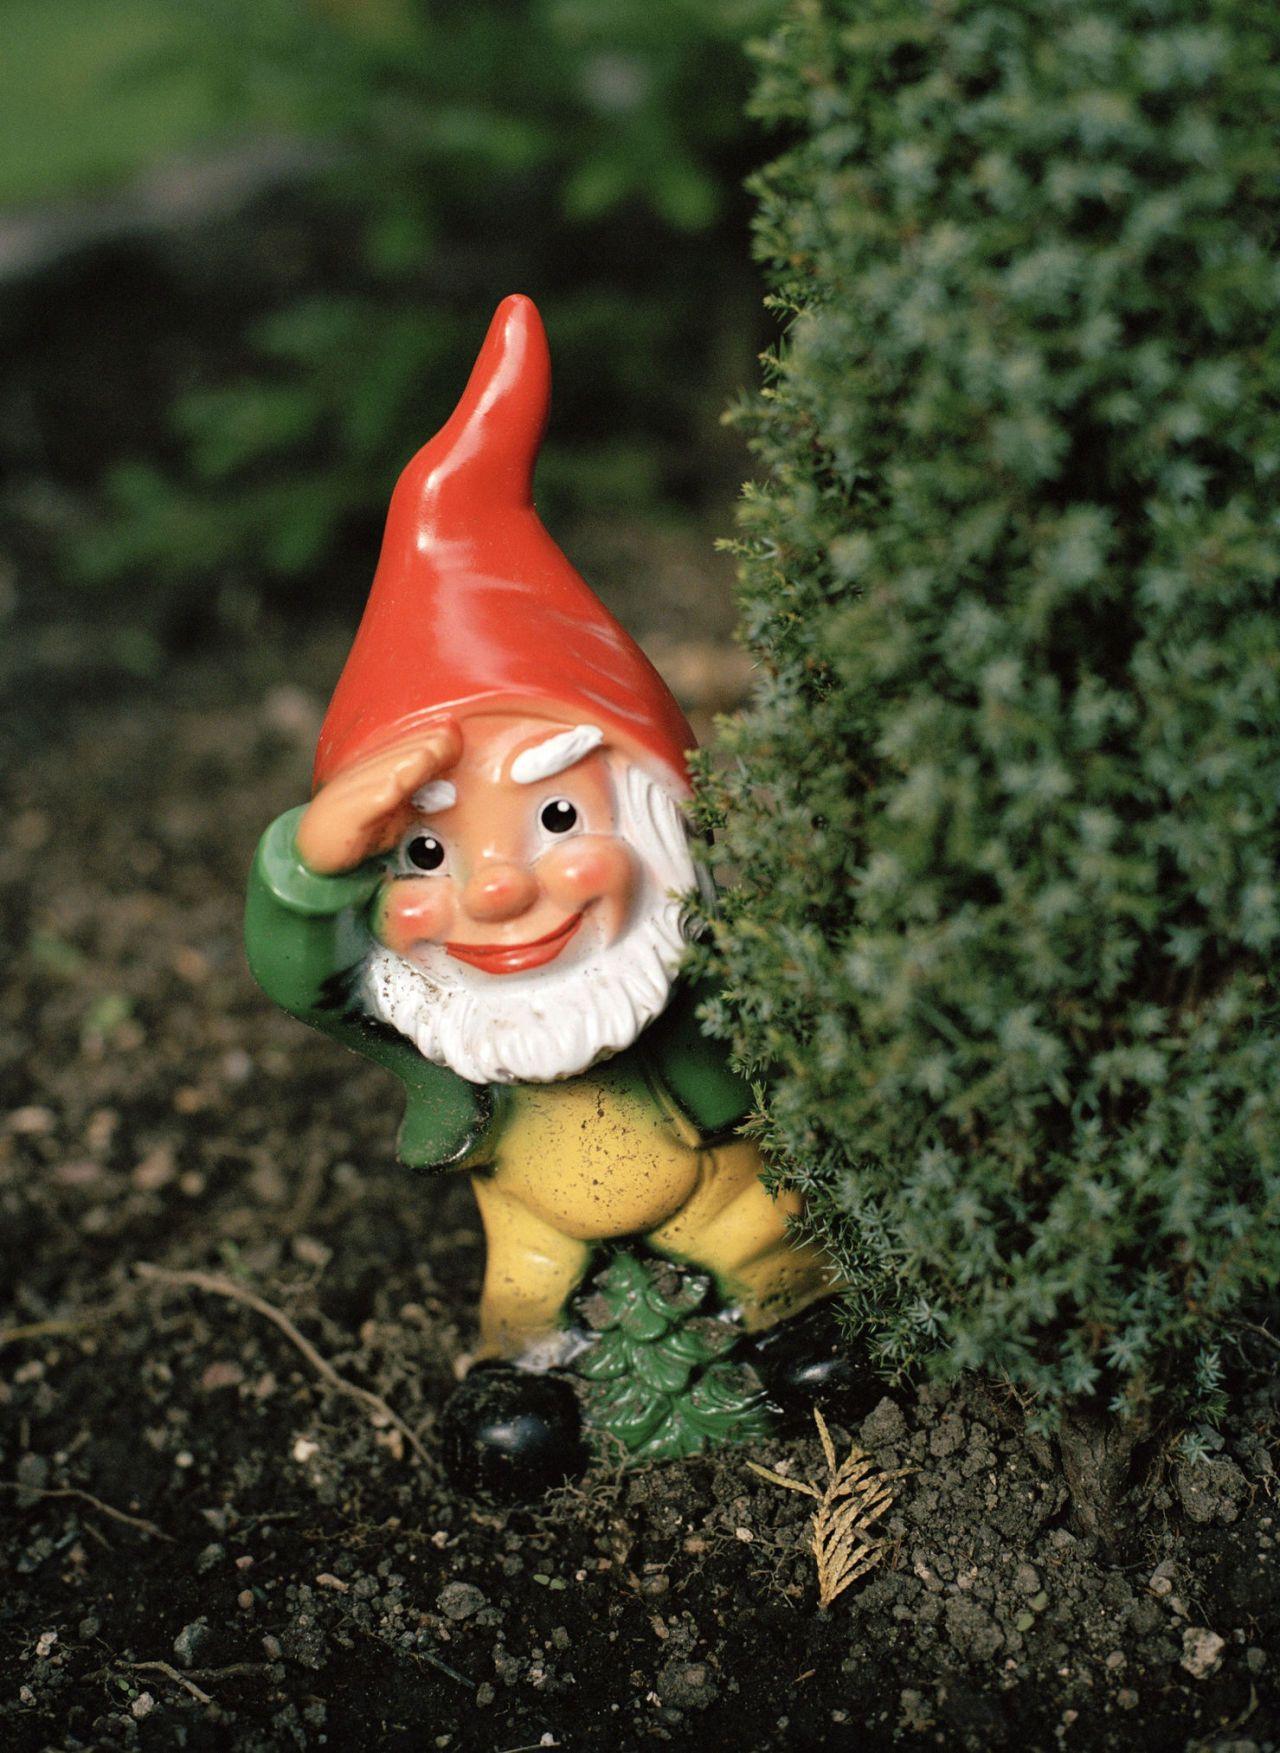 A Garden Gnome Close Up